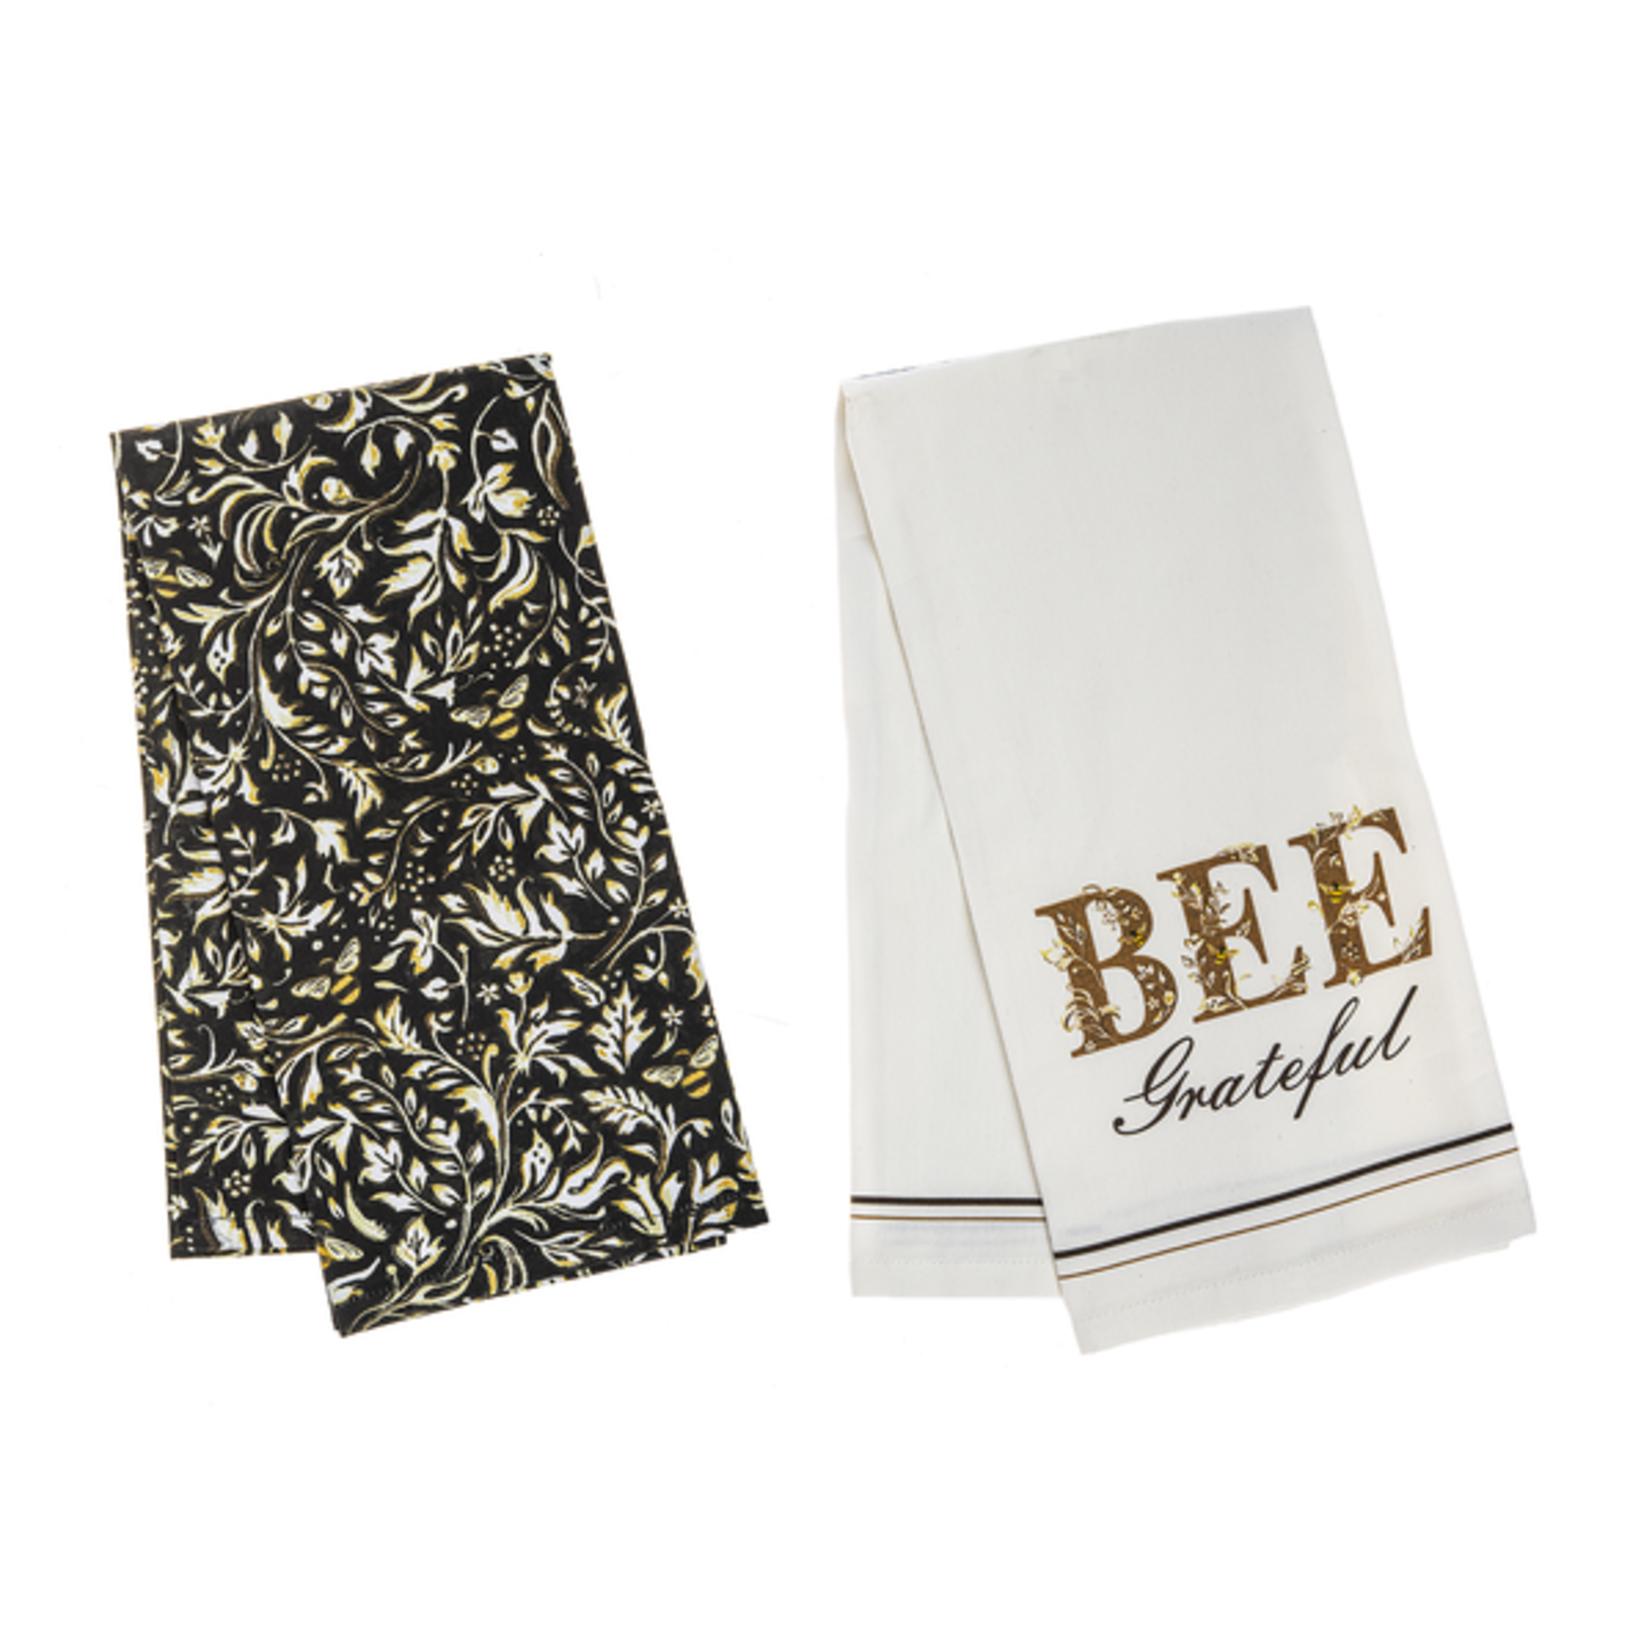 Bee Grateful - Tea Towel